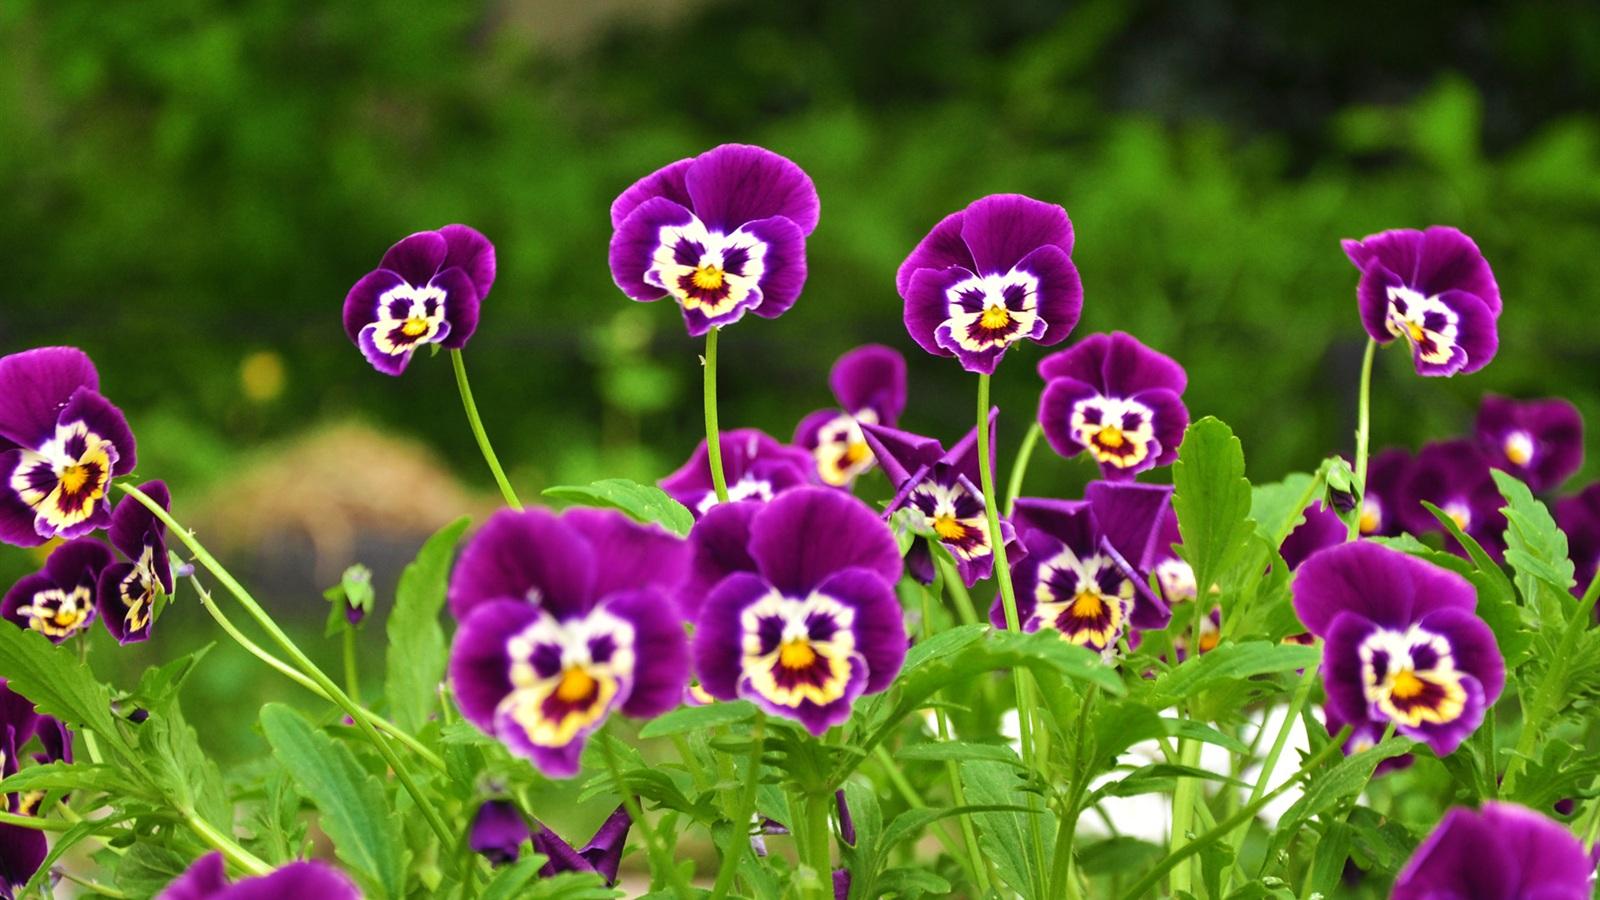 Photos fleurs de couleur violette. - Mi aime a ou